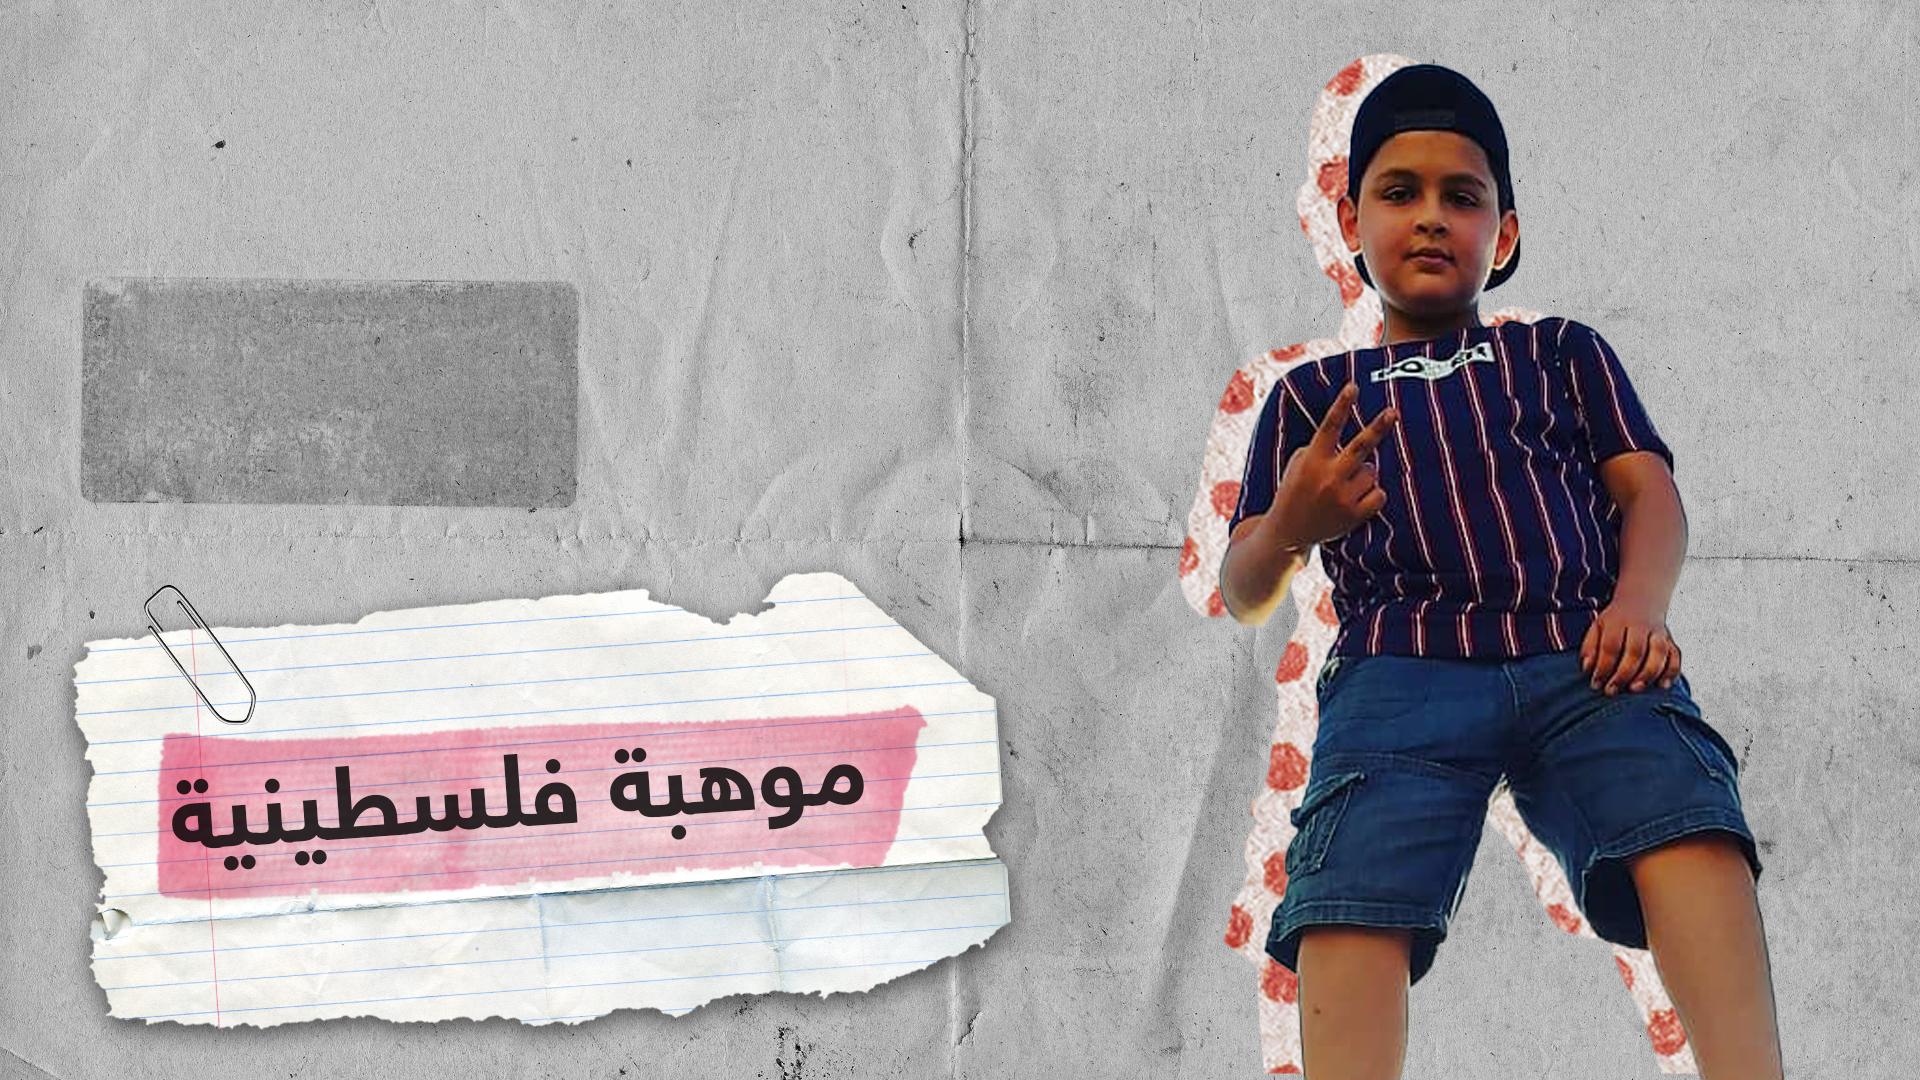 طفل فلسطيني يوصل رسالته عن معاناة شعبه بغناء الراب